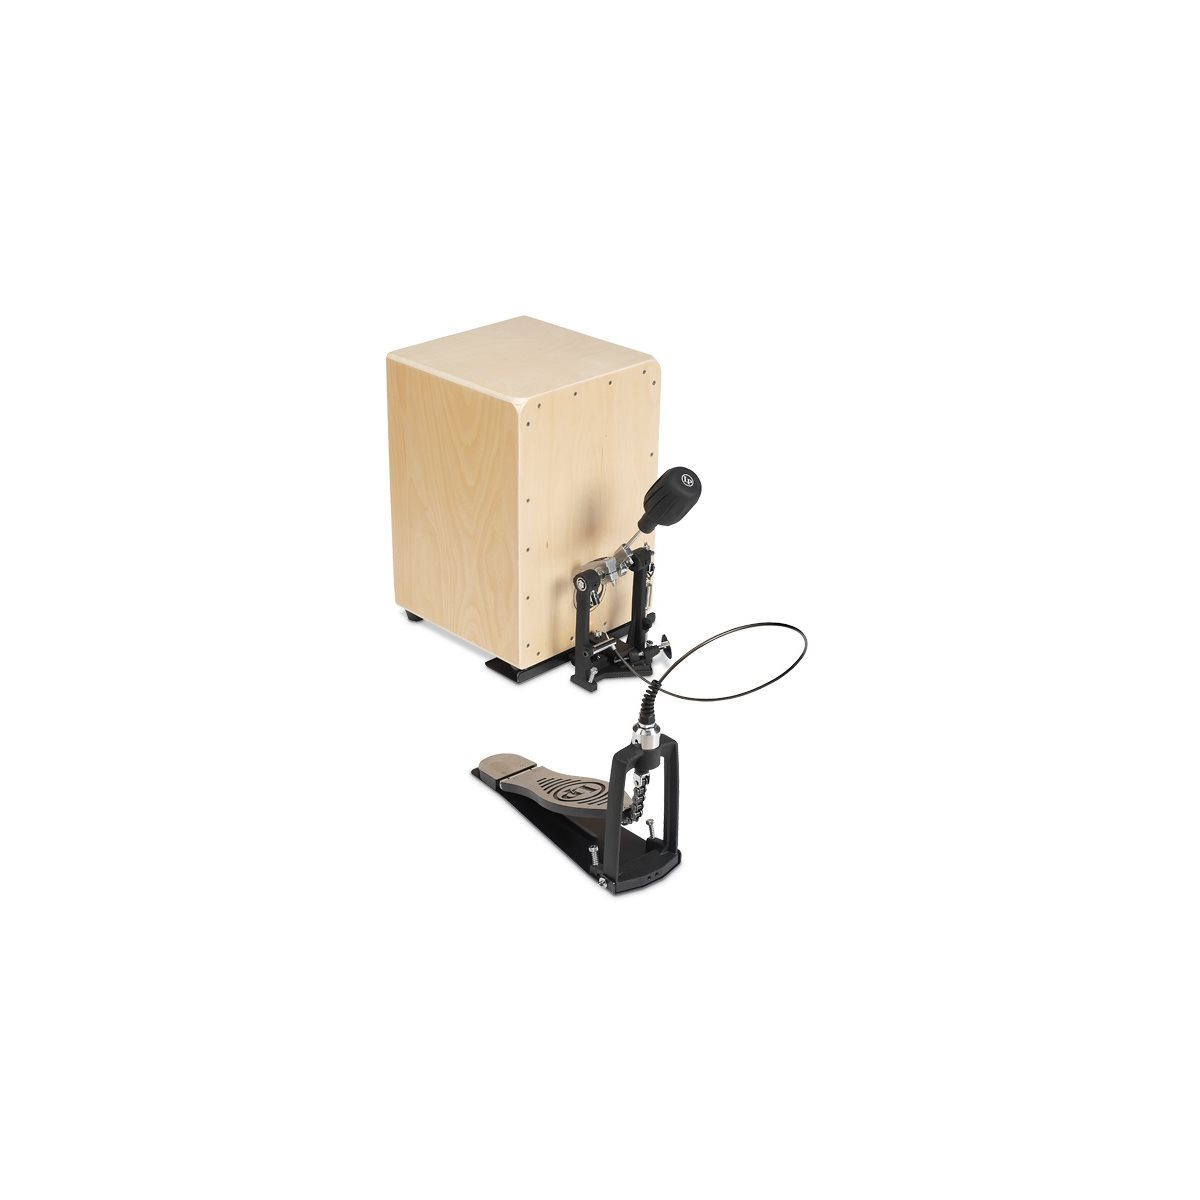 LP - LP1500 - Cable driven cajon pedal